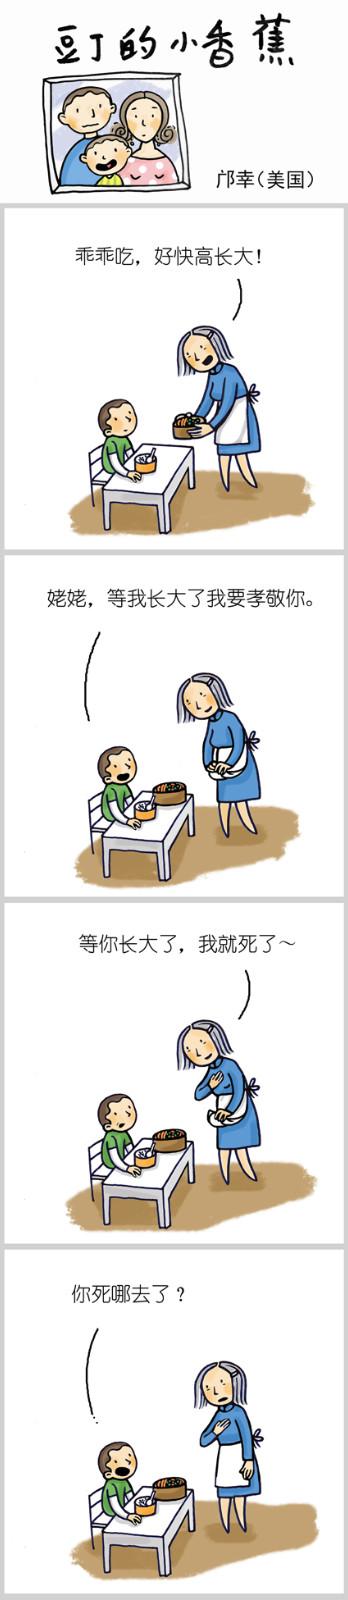 【邝幸漫畫】《小香蕉》童言无忌_图1-1